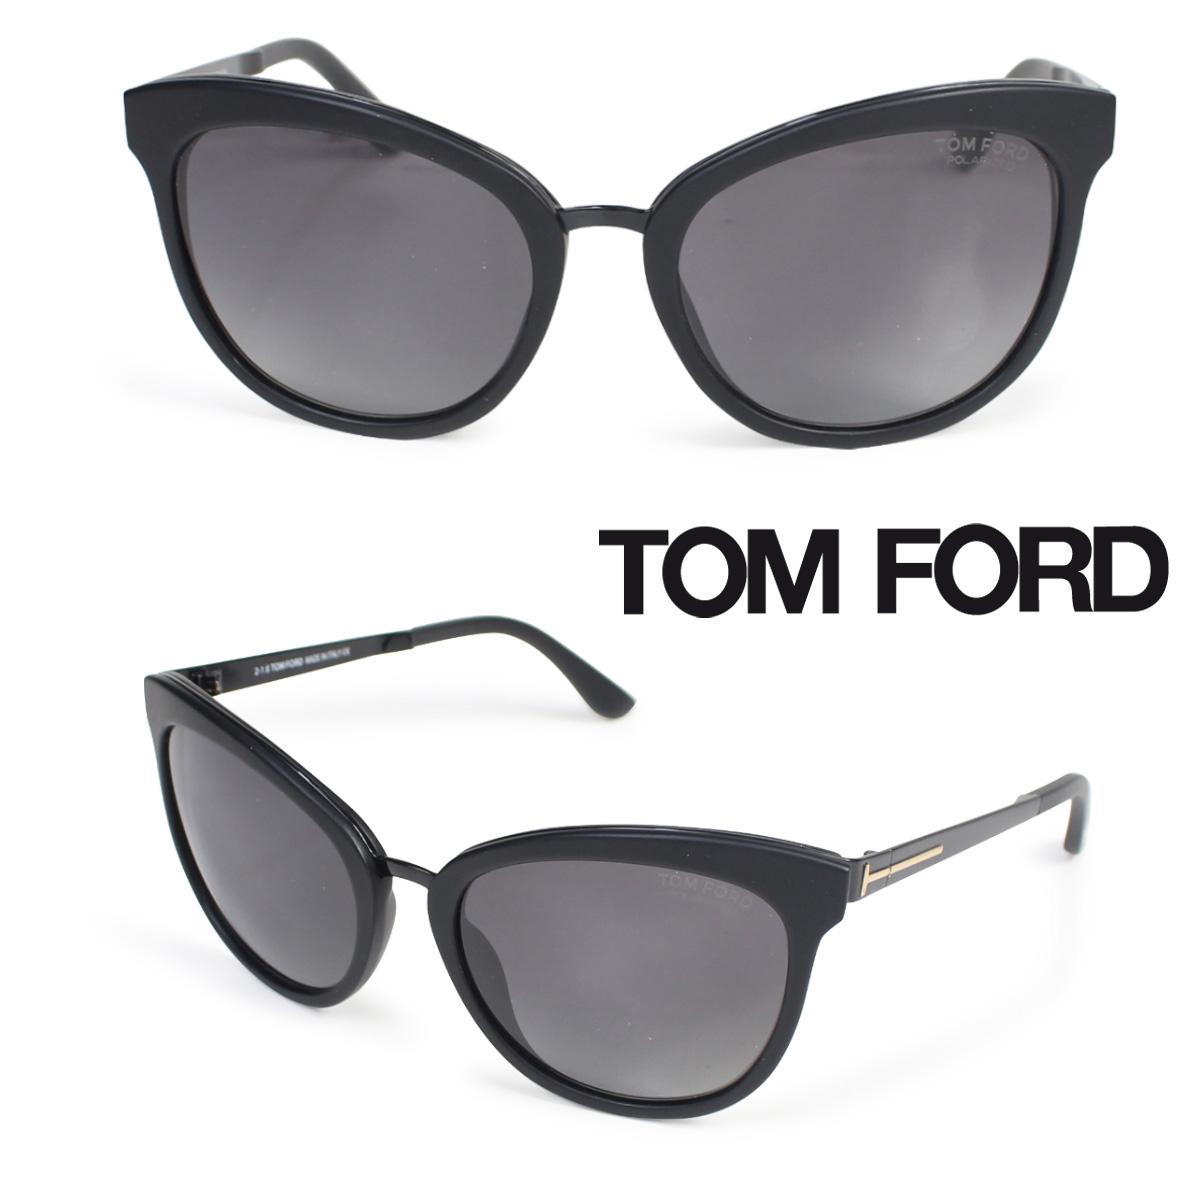 【決算セール】 トムフォード TOM FORD サングラス メガネ レディース アイウェア FT0461 EMMA SUNGLASSES ブラック 【返品不可】